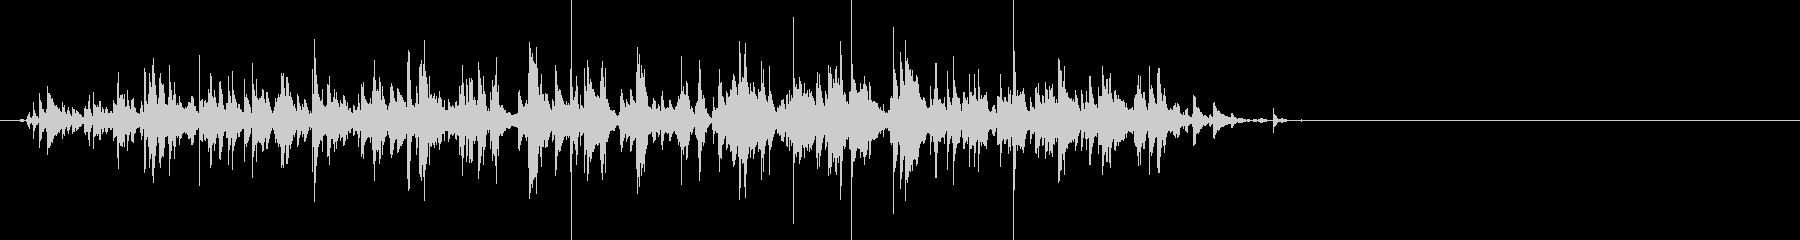 チャリンチャリン…いろいろな鈴の音の未再生の波形